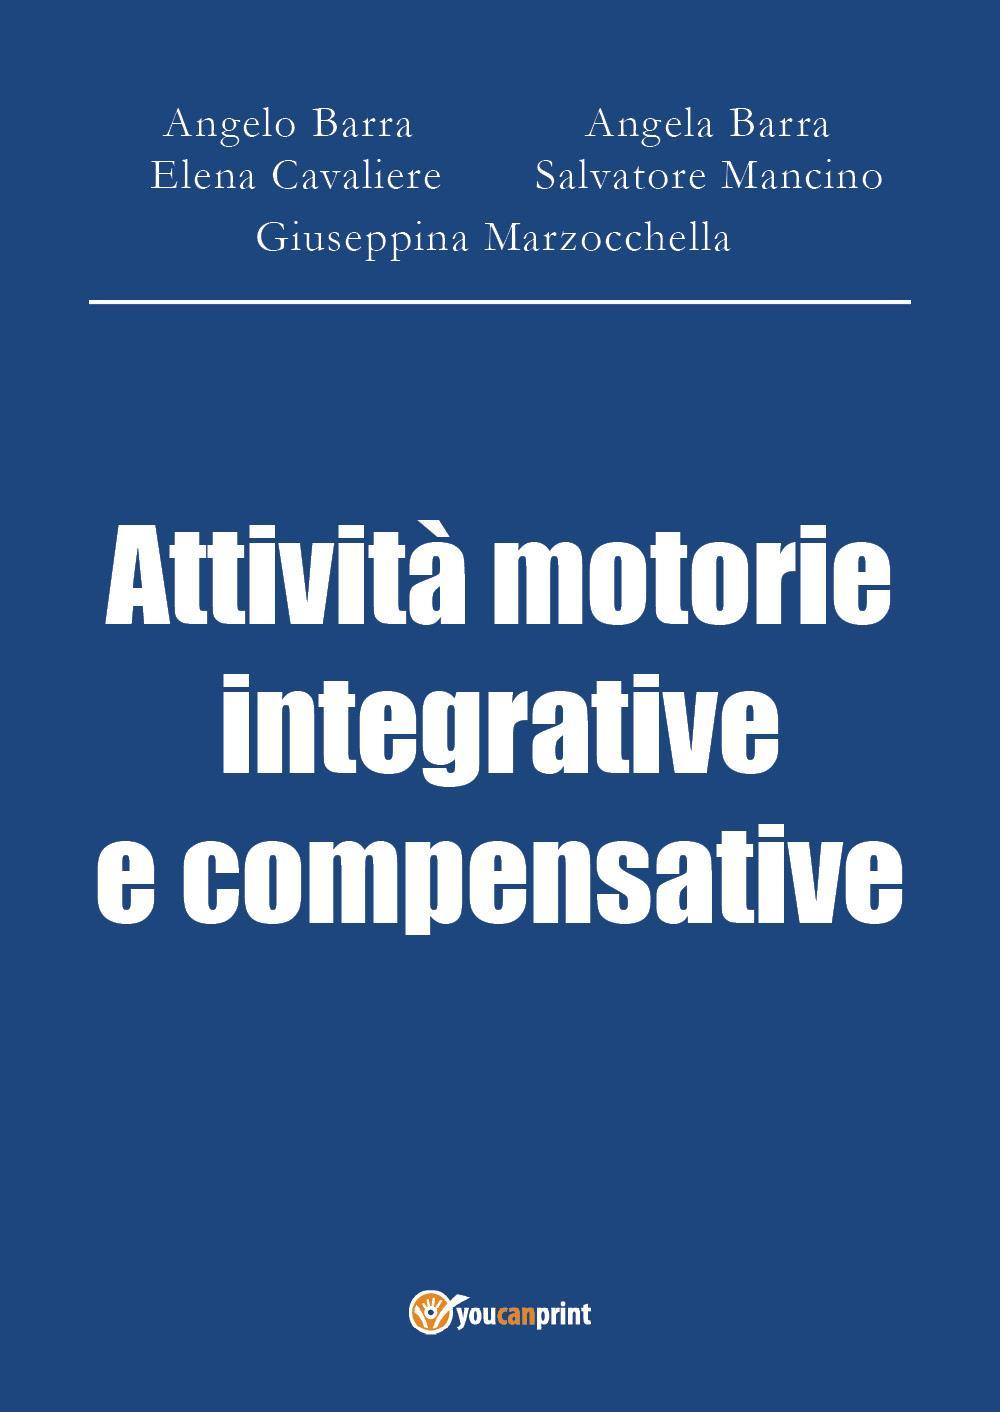 Attività motorie integrative e compensative